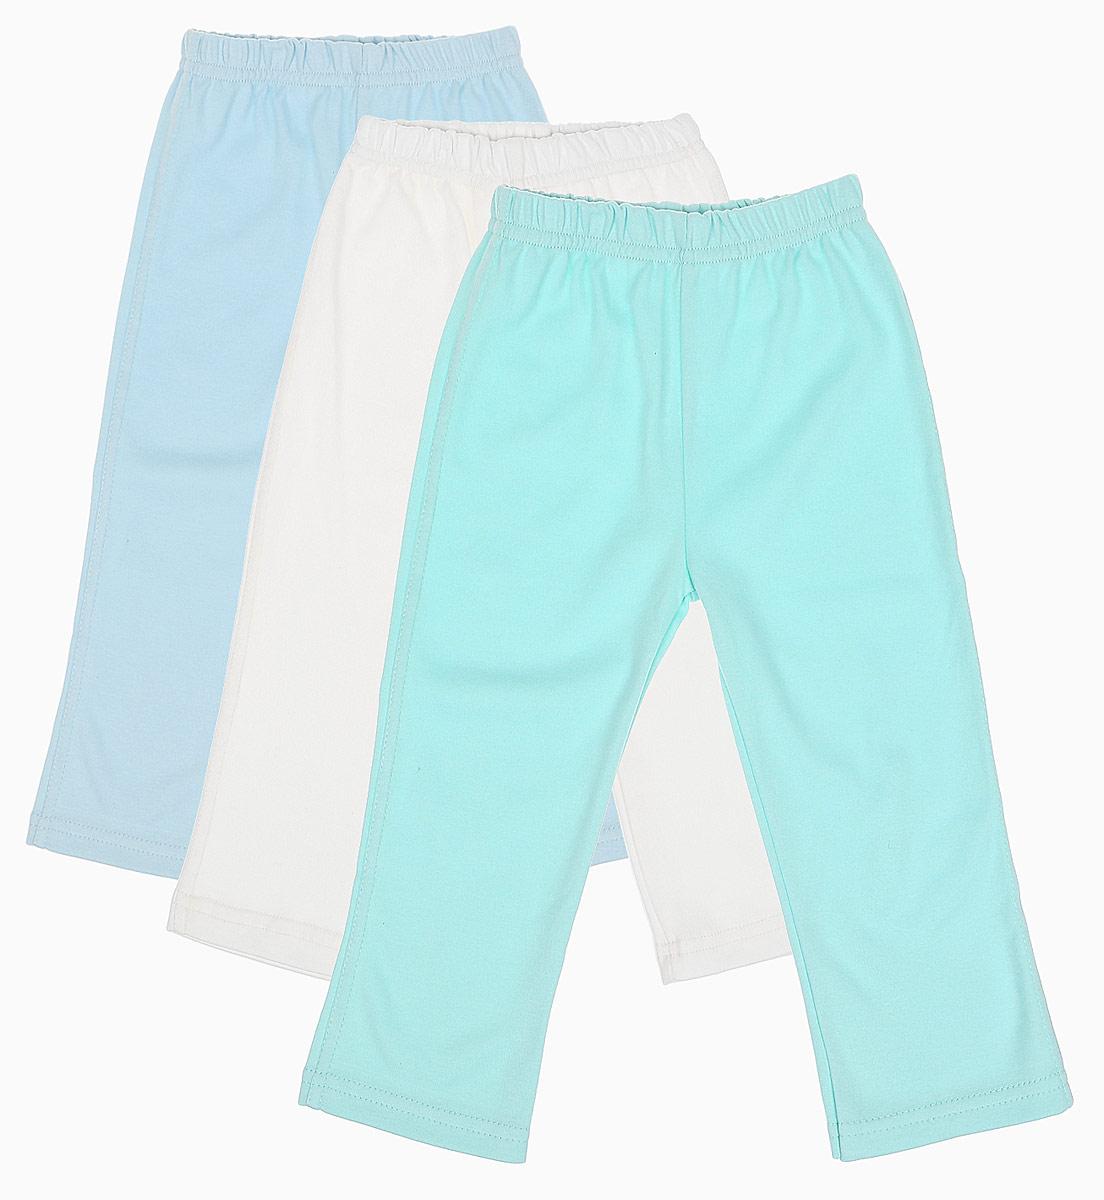 Штанишки для мальчика Фреш стайл, цвет: голубой, молочный, салатовый, 3 шт. 37-560м. Размер 86, 18 месяцев37-560мКомплект Фреш Стайл состоит из трех штанишек для мальчика.Штанишки послужат идеальным дополнением к гардеробу малыша, обеспечивая ей наибольший комфорт. Изготовленные из натурального хлопка, они необычайно мягкие и легкие, не раздражают нежную кожу ребенка и хорошо вентилируются, а эластичные швы приятны телу малышки и не препятствуют ее движениям. Штанишки дополнены мягкой резинкой, не сдавливающей животик ребенка. Штанишки очень удобный и практичный вид одежды для малышей. Отлично сочетаются с футболками, кофточками и боди.В таких штанишках вашему малышу будет уютно и комфортно!УВАЖАЕМЫЕ КЛИЕНТЫ!Обращаем ваше внимание на тот факт, что товар поставляется в цветовом ассортименте. Поставка осуществляется в зависимости от наличия на складе.